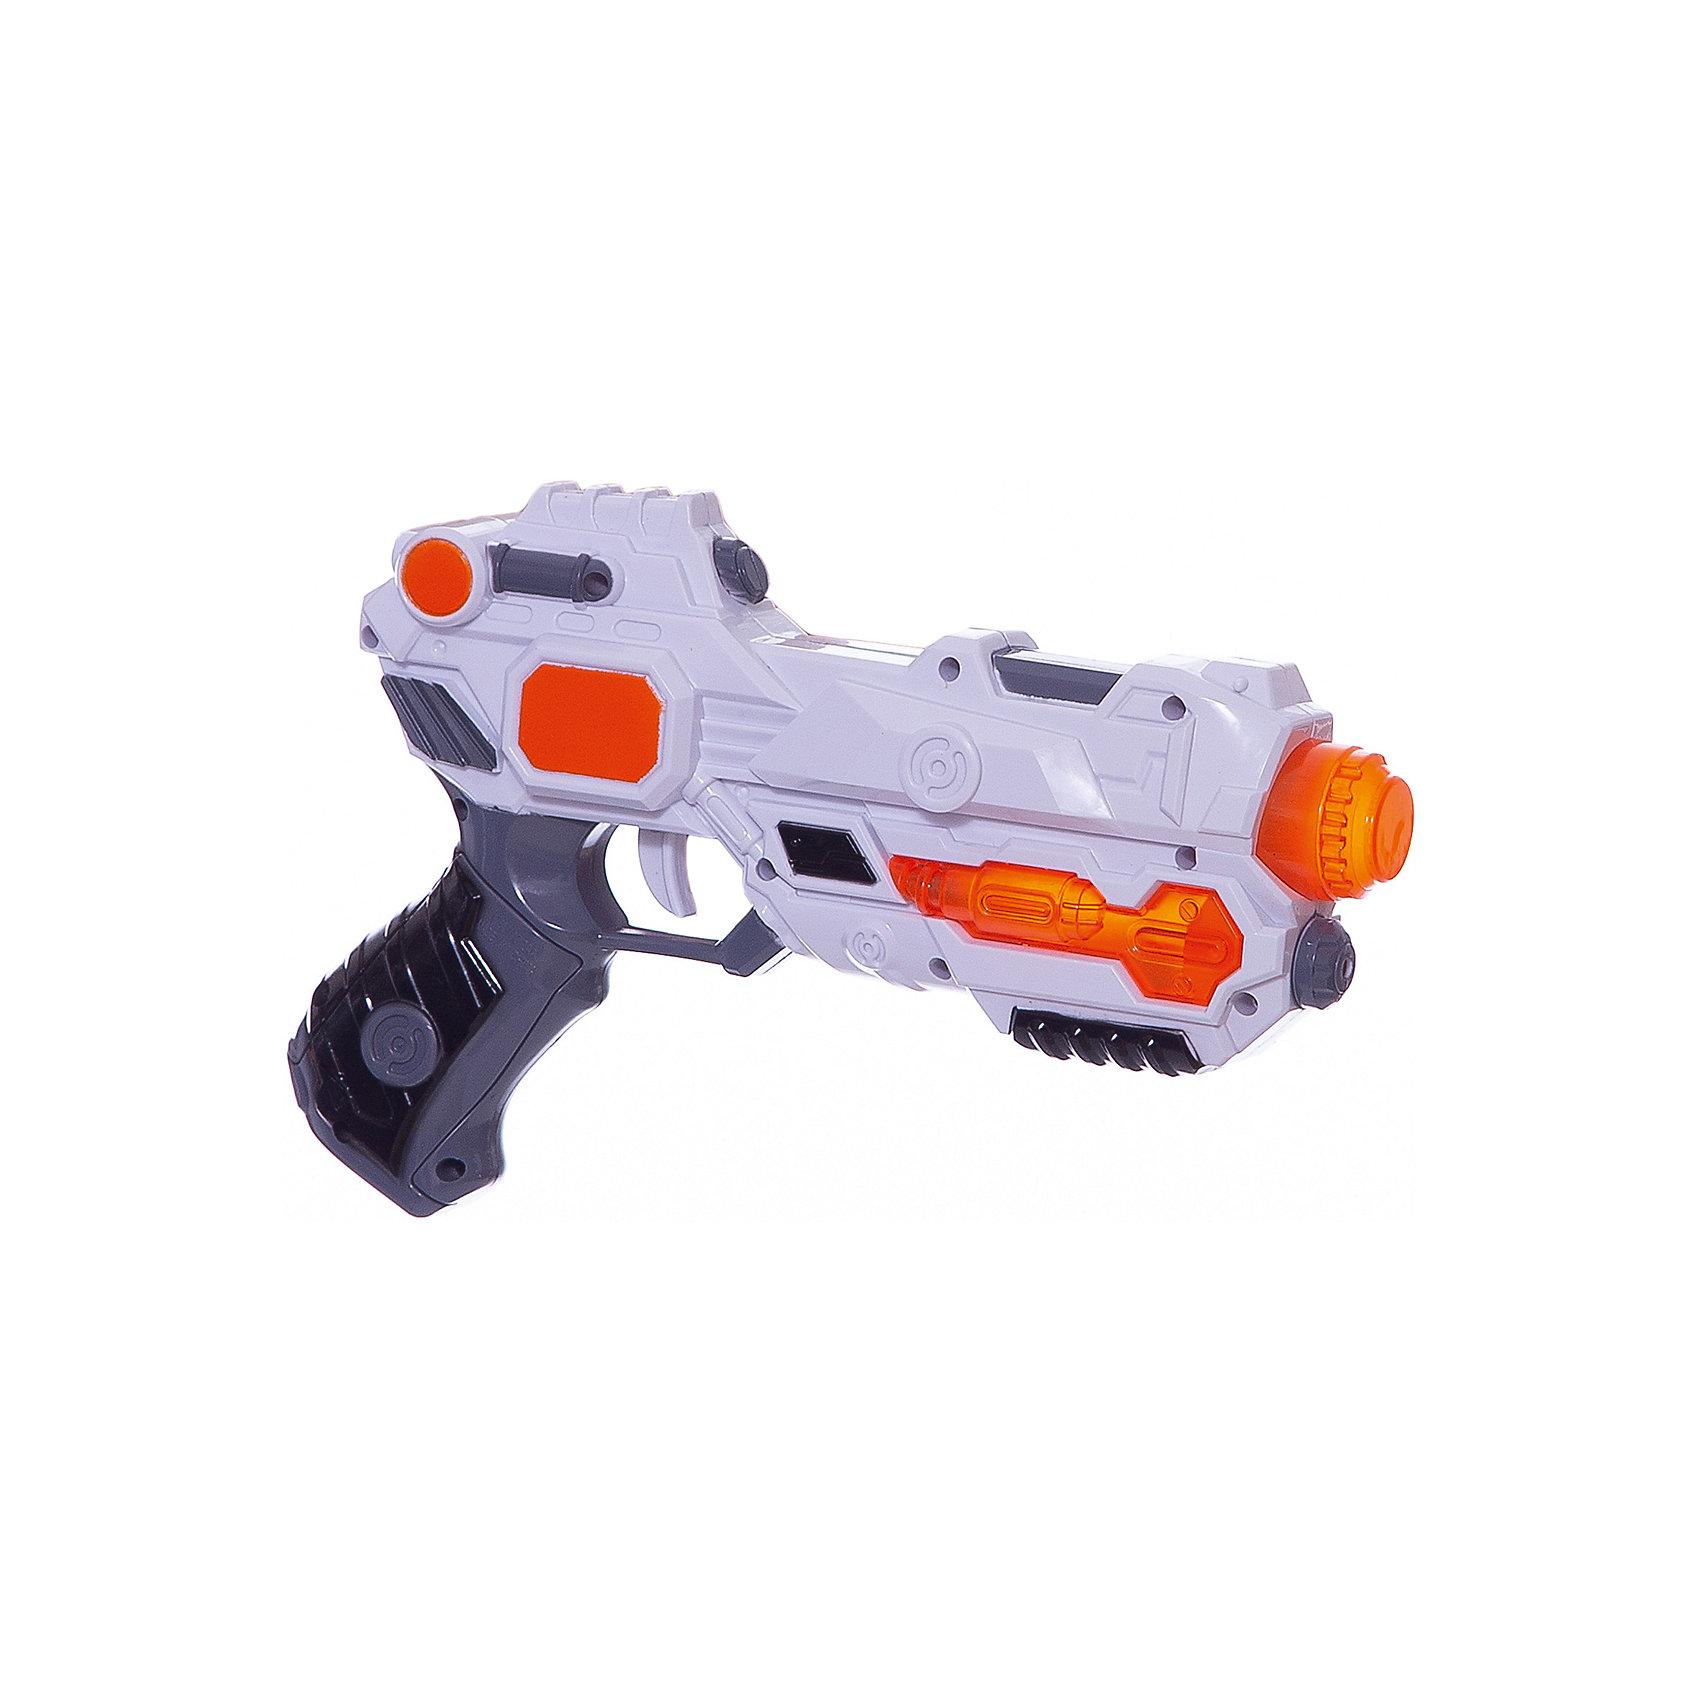 Бластер Звёздный пистолет, Mioshi ArmyБластеры, пистолеты и прочее<br>Характеристики товара:<br><br>• возраст от 3 лет;<br>• материал: пластик;<br>• в комплекте: бластер;<br>• работает от 2 батареек АА (в комплект не входят);<br>• размер упаковки 32,3х22х5,5 см;<br>• вес упаковки 258 гр.;<br>• страна производитель: Китай.<br><br>Бластер «Звездный пистолет» Mioshi Army позволит мальчишкам устроить импровизированные космические сражения. Во время игры бластер светится и издает звуки выстрелов, что делает игру еще увлекательней. Игрушка изготовлена из качественных прочных материалов, безопасных для детей.<br><br>Бластер «Звездный пистолет» Mioshi Army можно приобрести в нашем интернет-магазине.<br><br>Ширина мм: 323<br>Глубина мм: 220<br>Высота мм: 55<br>Вес г: 258<br>Возраст от месяцев: 36<br>Возраст до месяцев: 72<br>Пол: Мужской<br>Возраст: Детский<br>SKU: 5581236